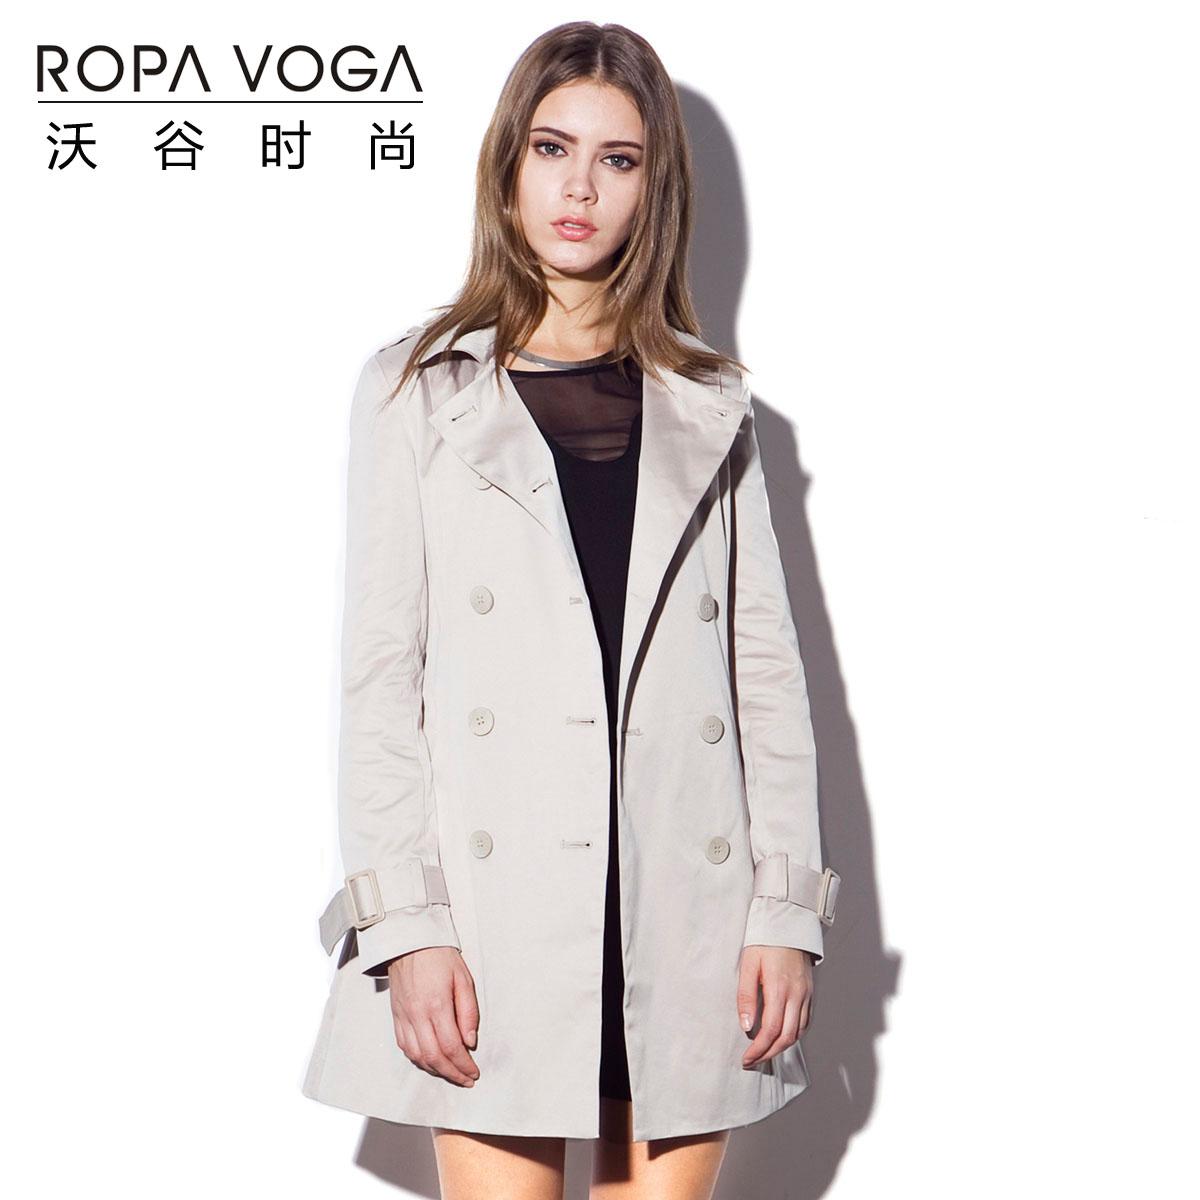 沃谷2014春裝新品斗篷披肩領時尚修身雙排扣中長風衣 大衣外套商品圖片